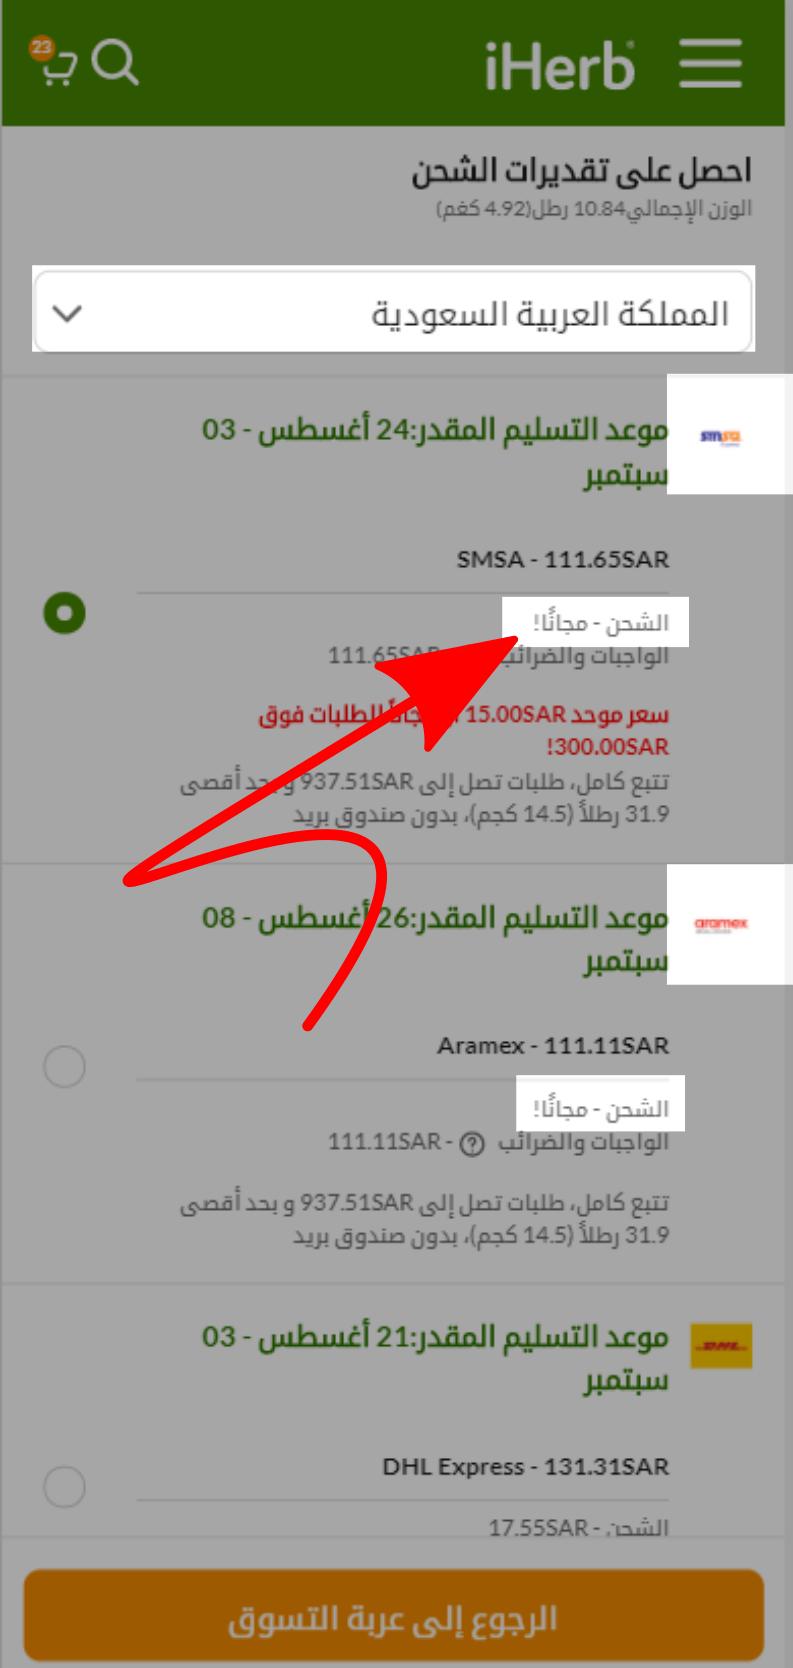 طريقة الحصول على شحن مجاني من اي هيرب السعودية